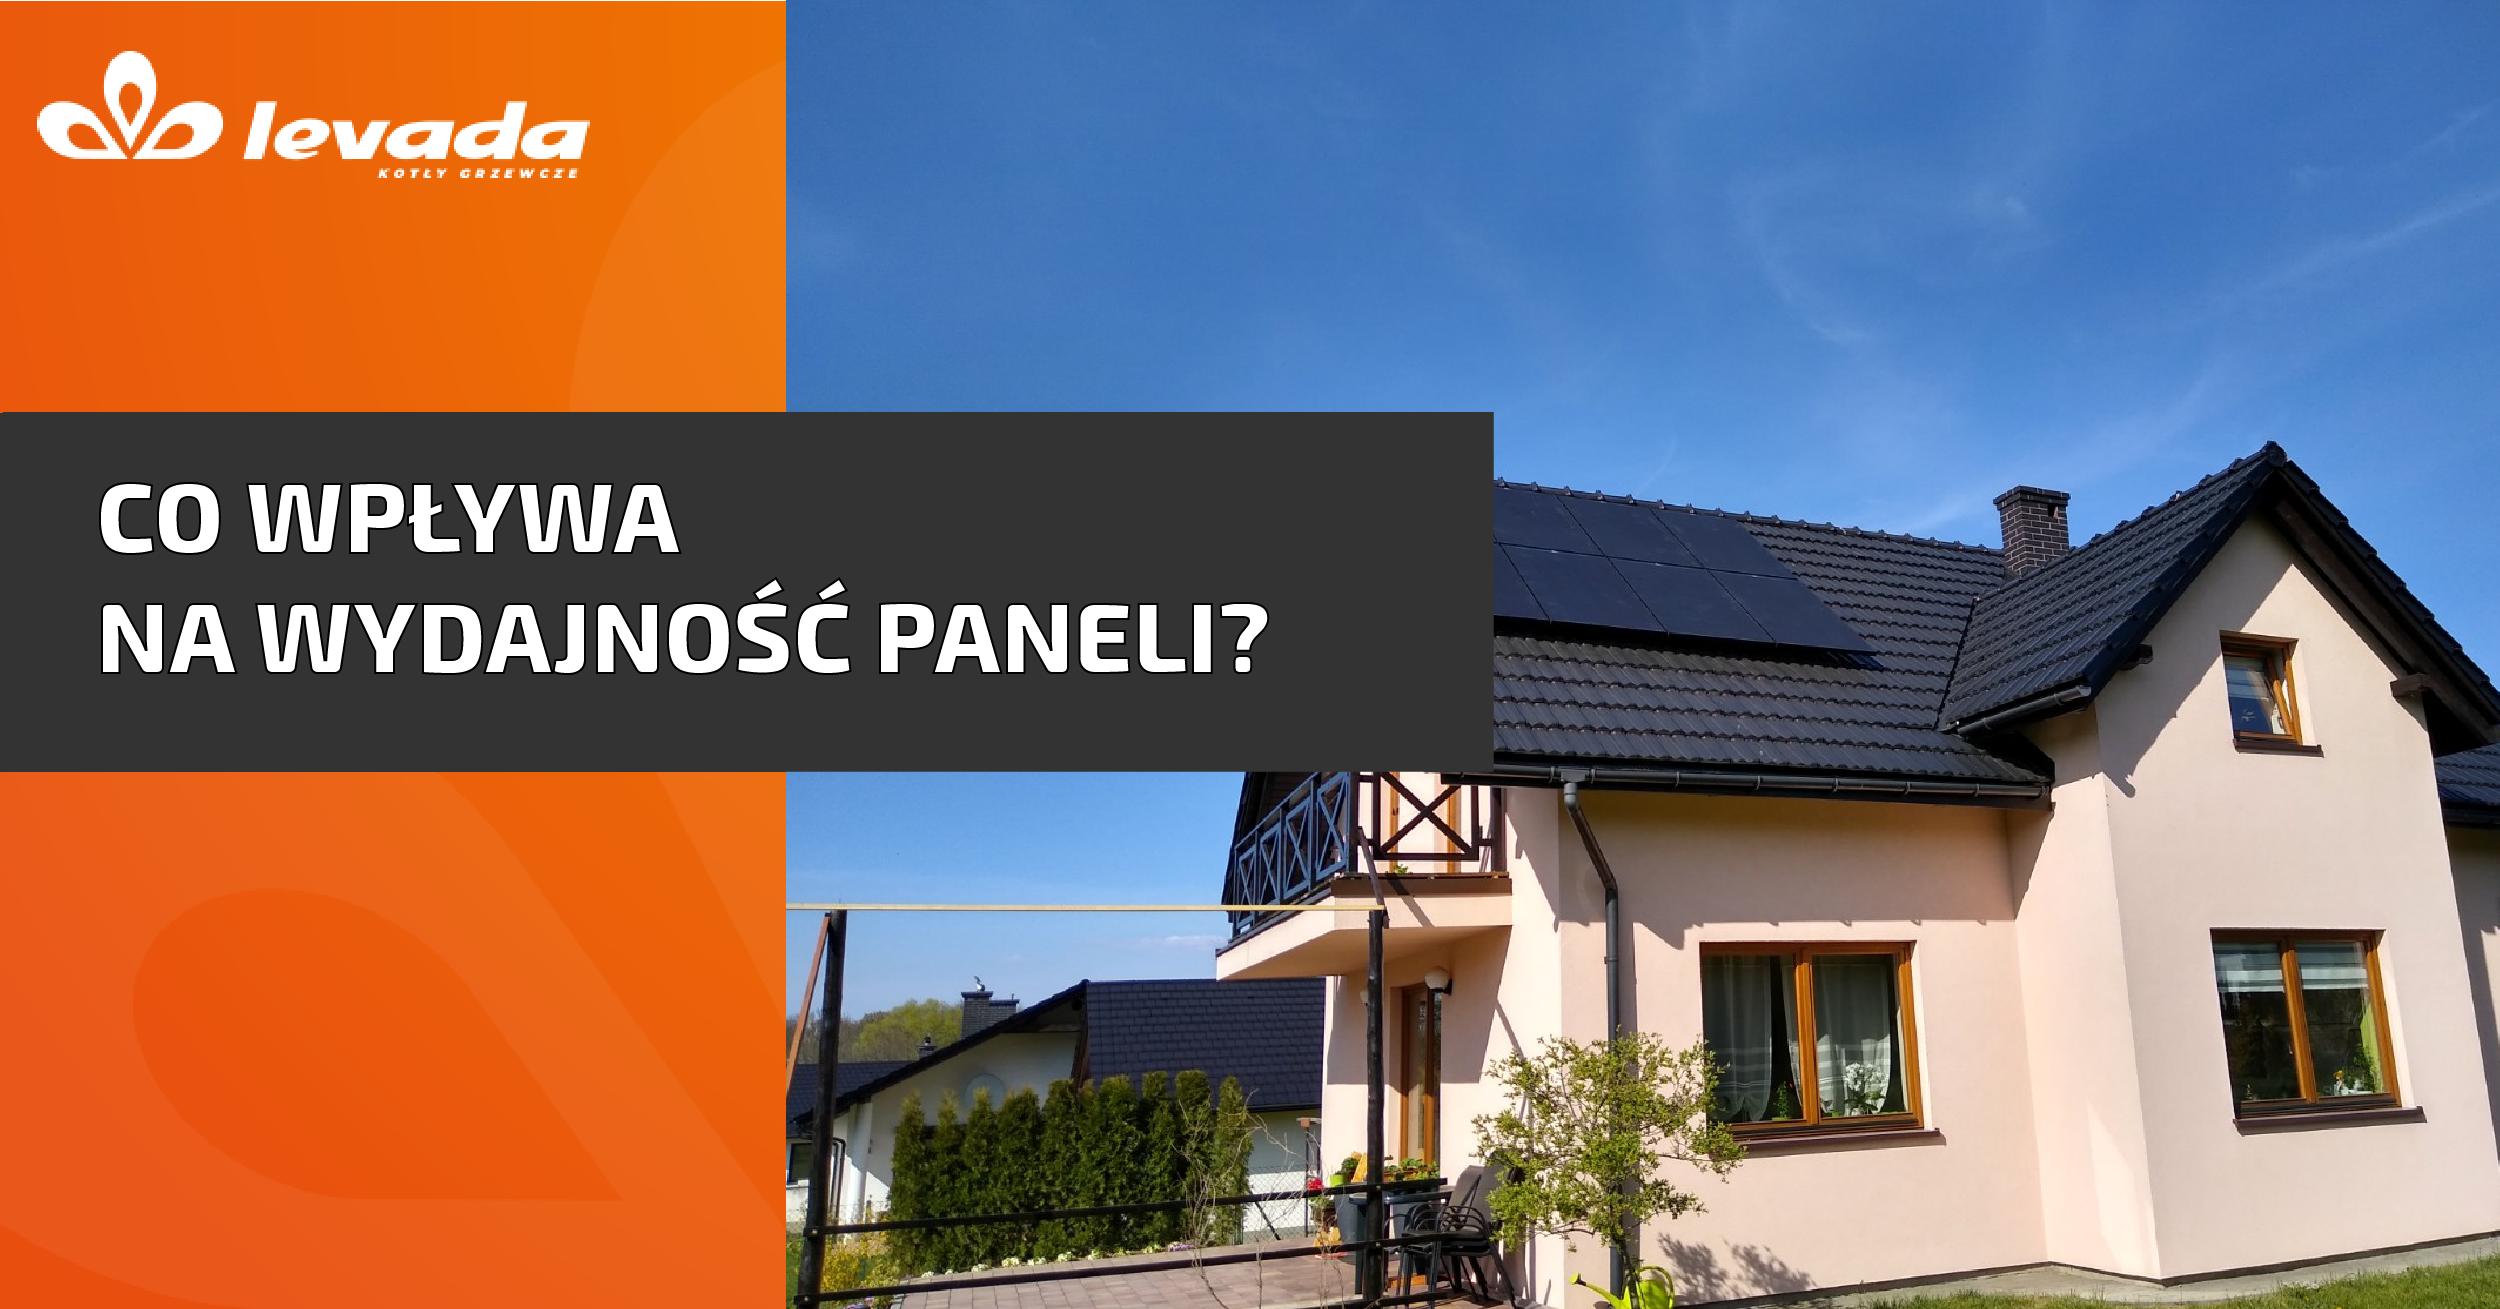 Co wpływa na wydajność paneli słonecznych?